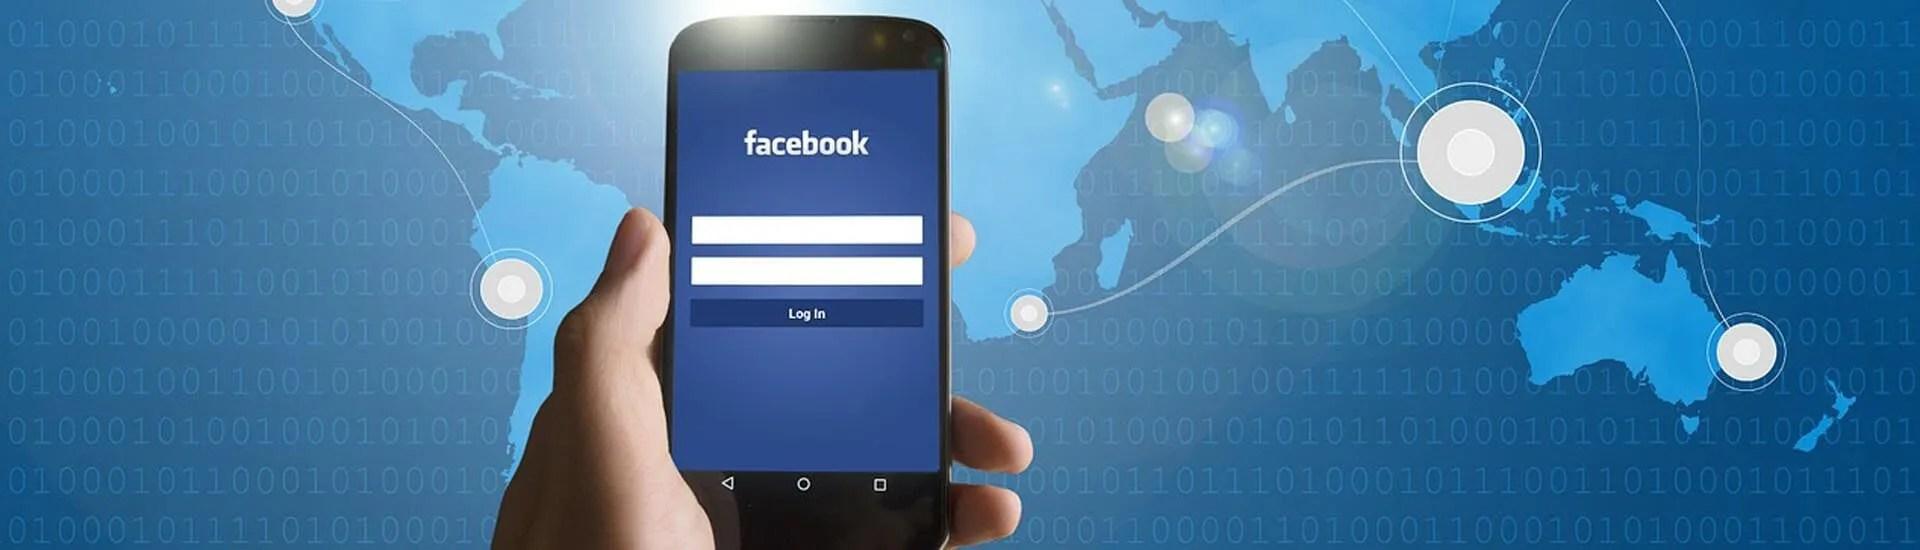 הקמת דף עסקי חדש בפייסבוק